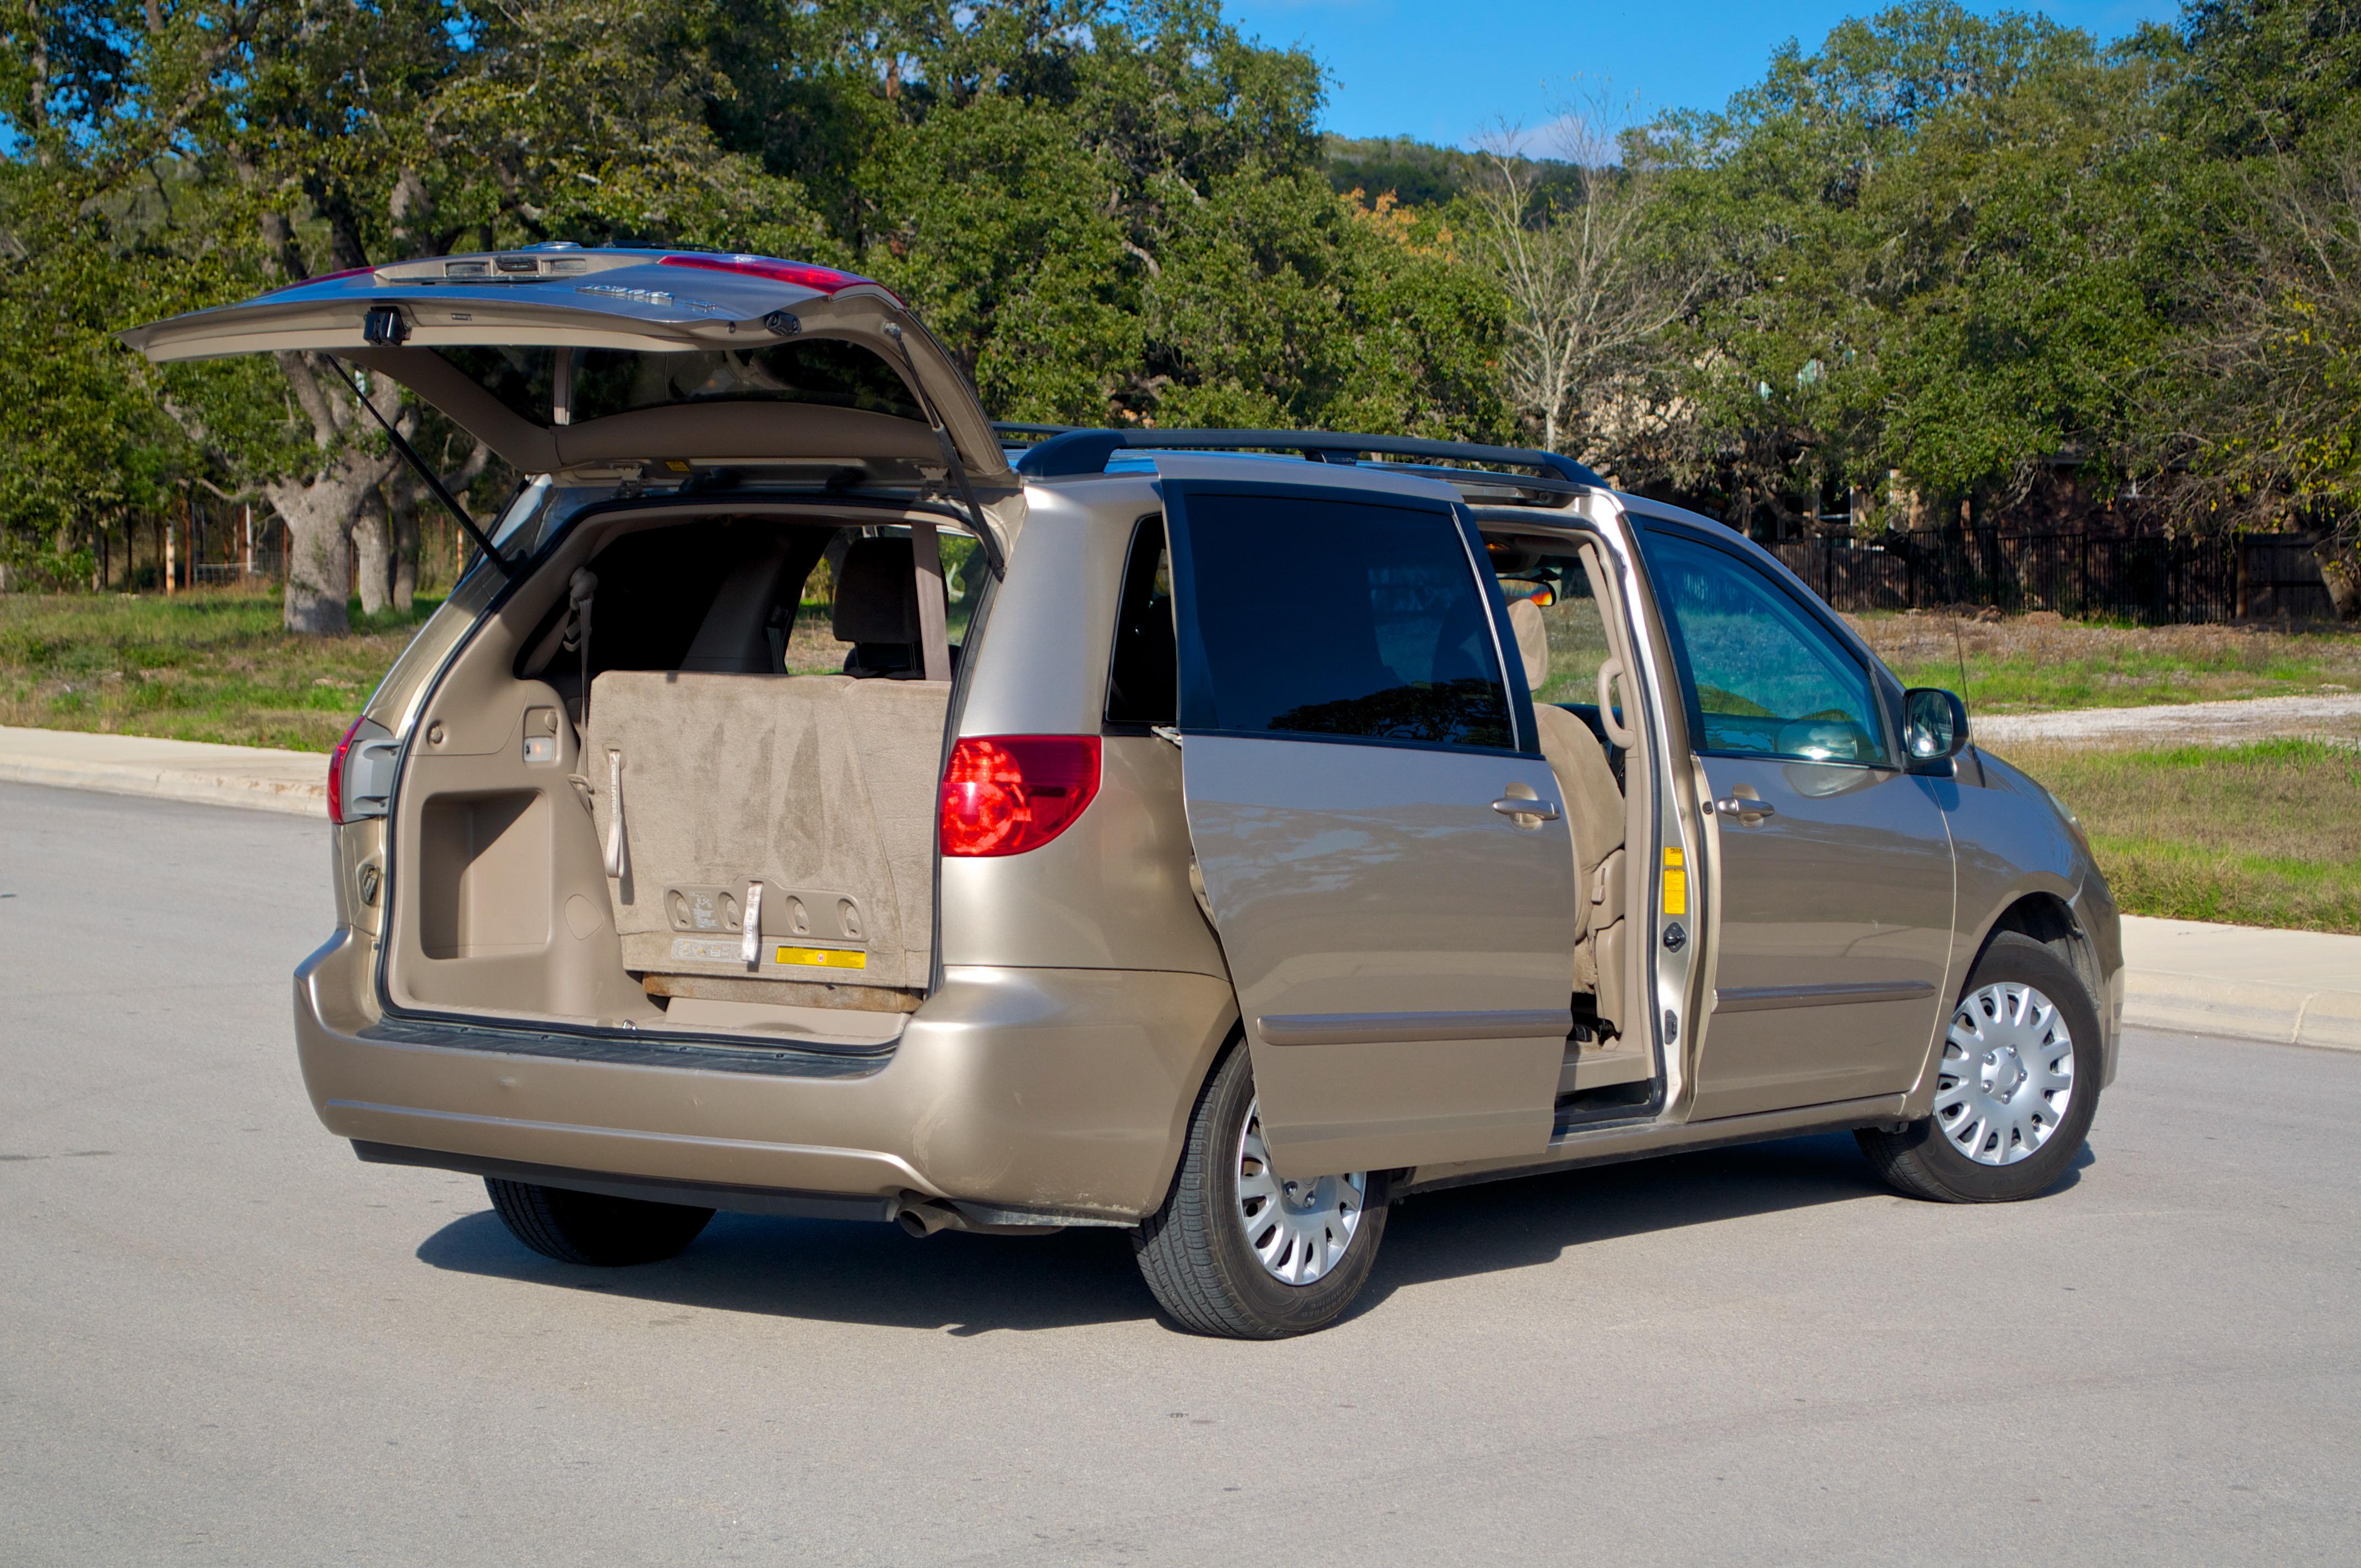 Our Minivan